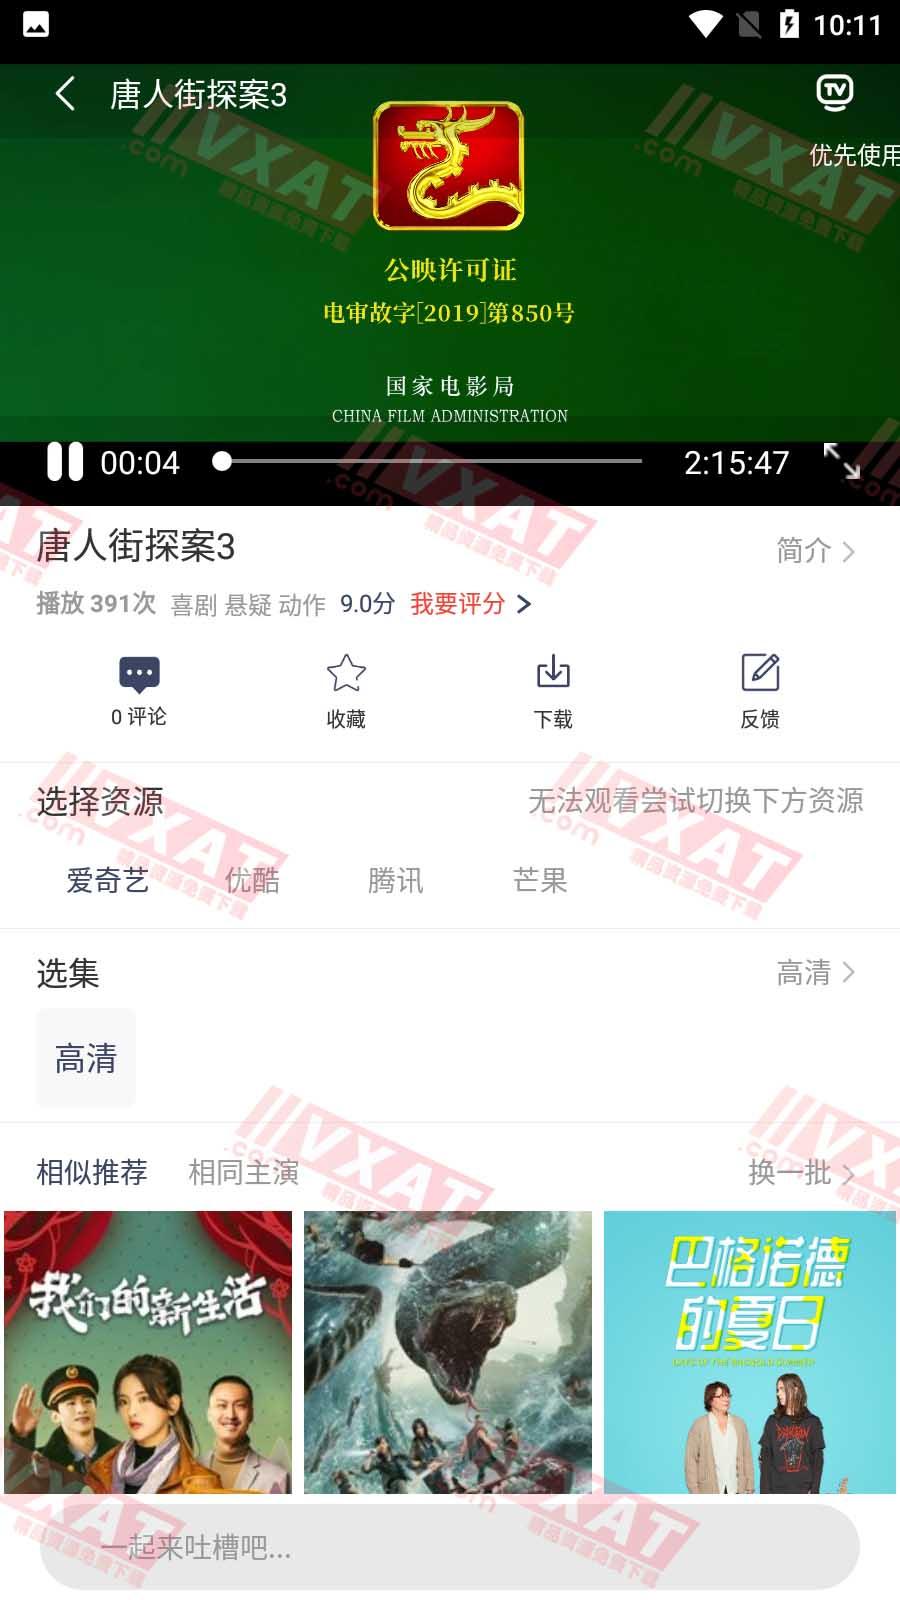 哈尼视频 v1.8.0 去广告破解版 第2张